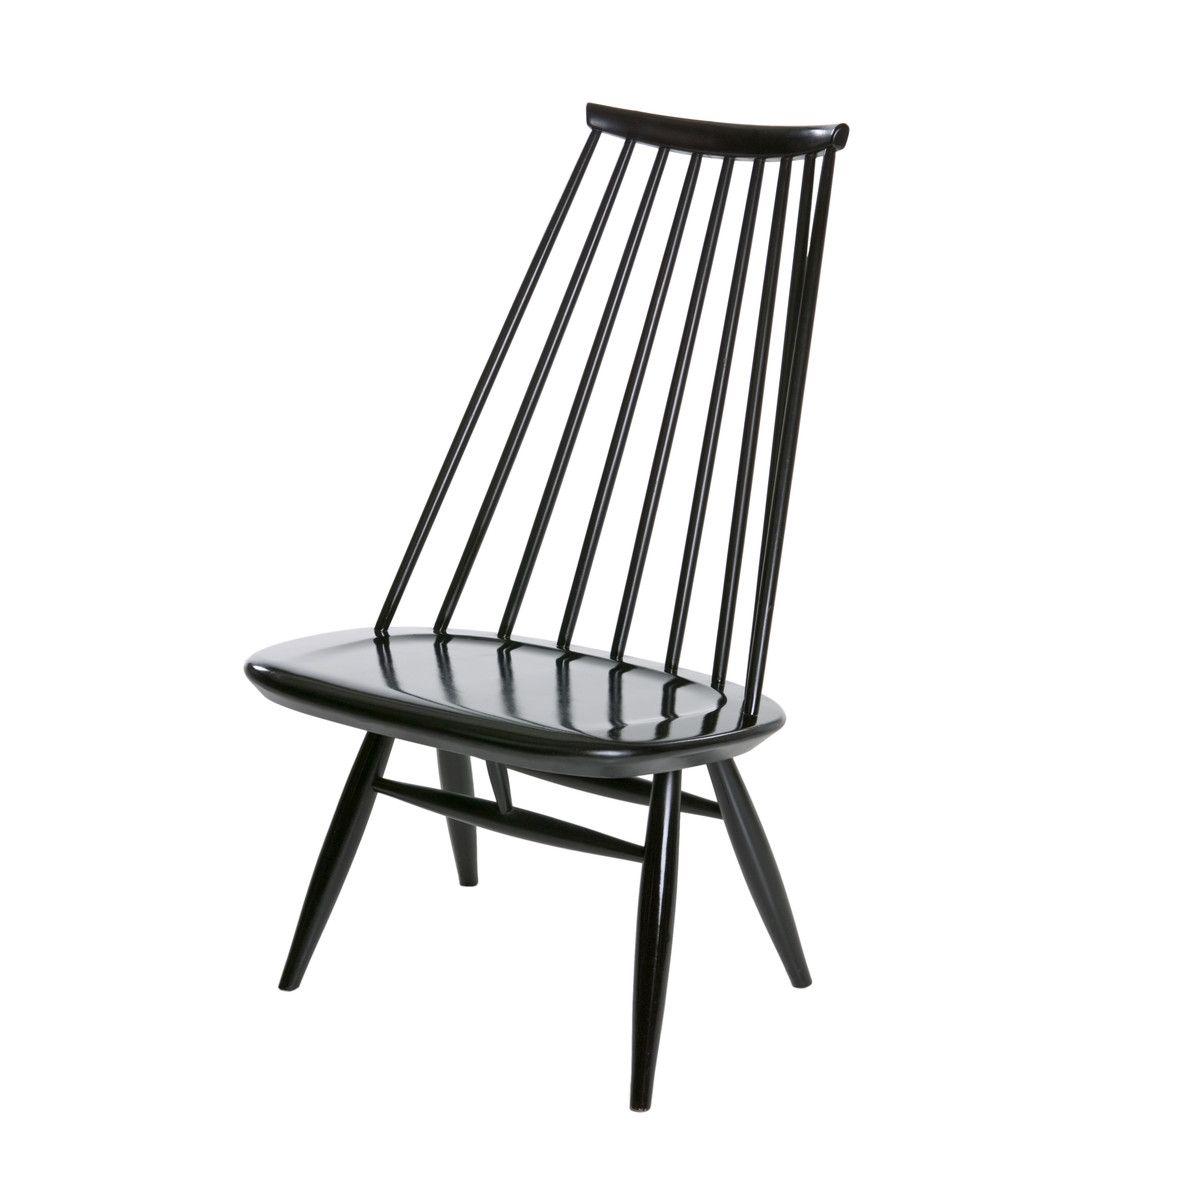 Artek Mademoiselle Klubsessel Schwarz Lackiert Sessel Stuhl Design Stuhle